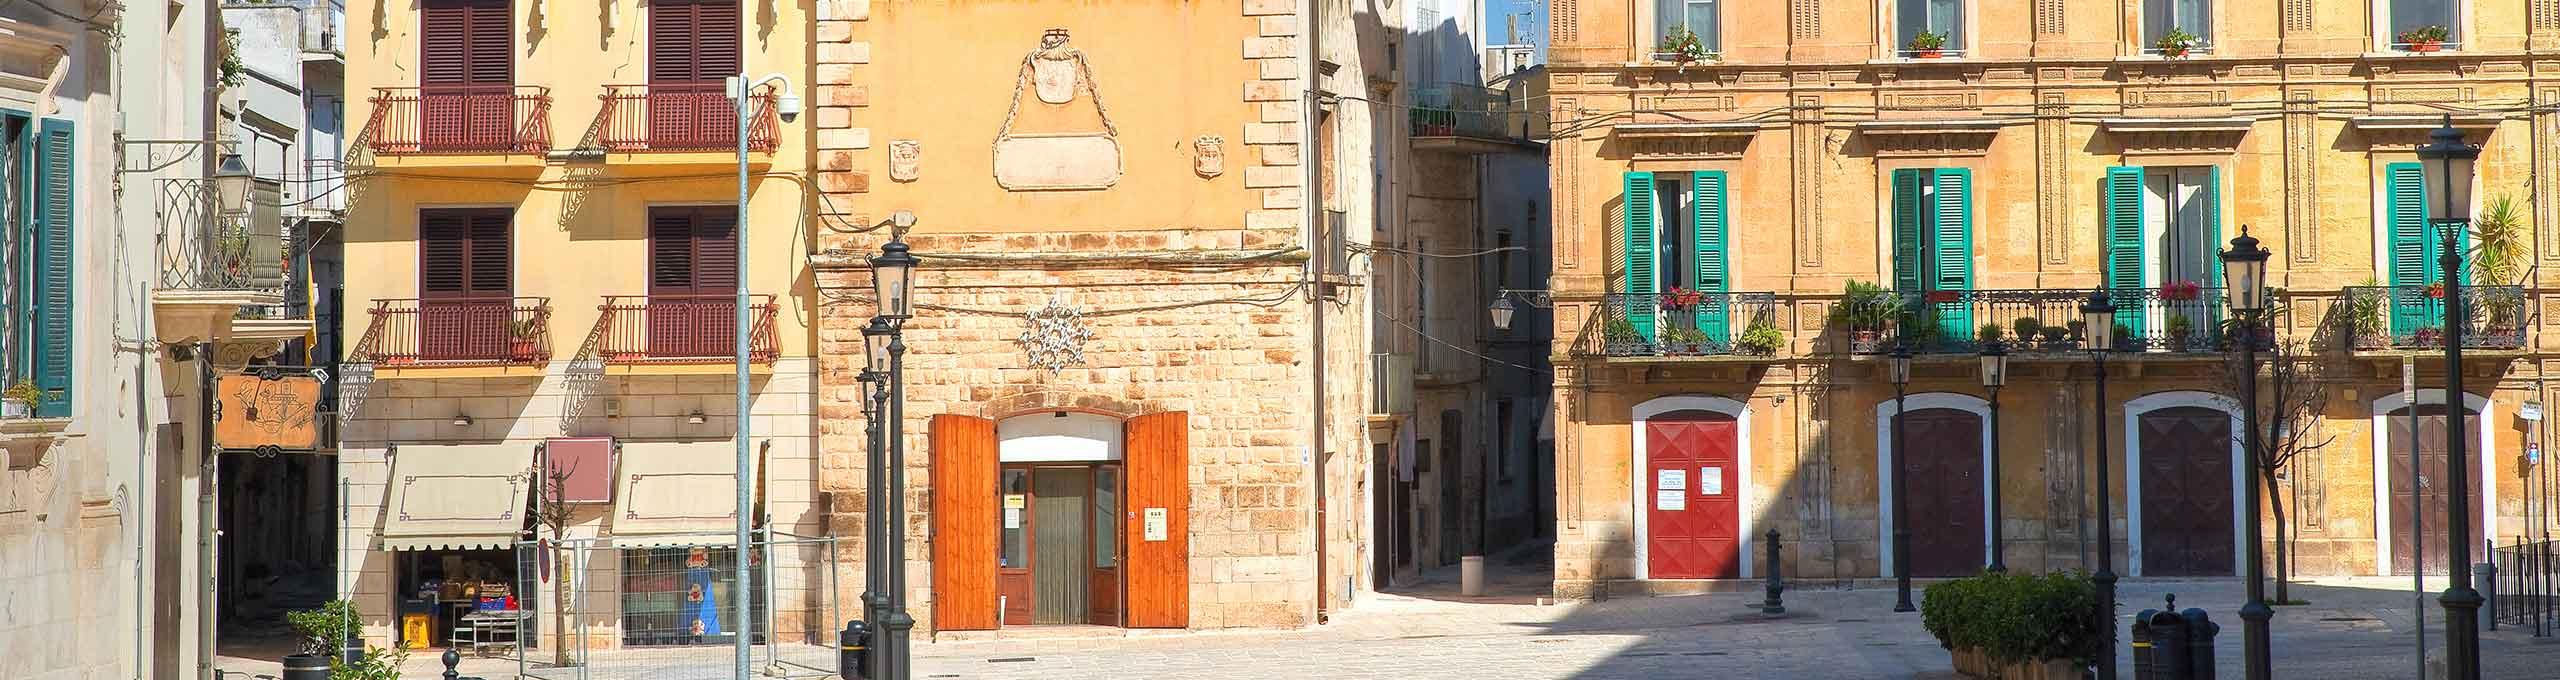 Acquaviva delle Fonti, Murge, Puglia